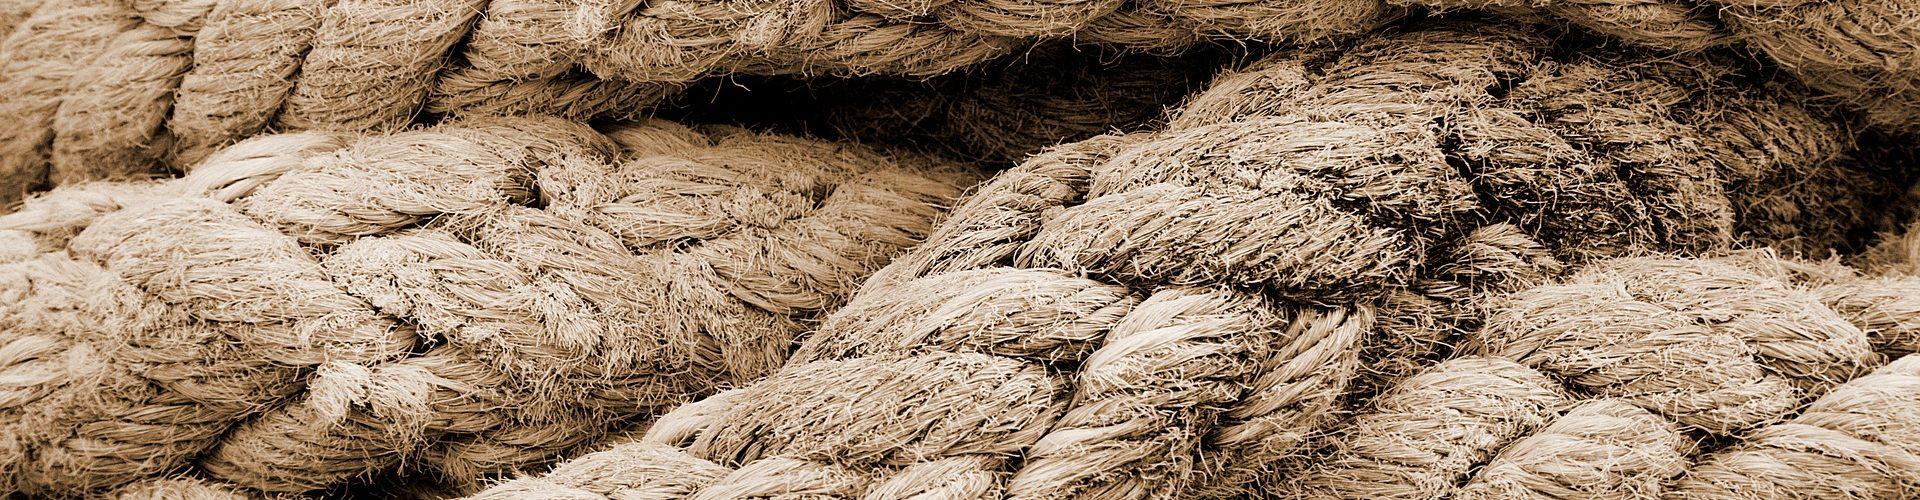 Geflochtene Seile, die miteinander verschlungen sind